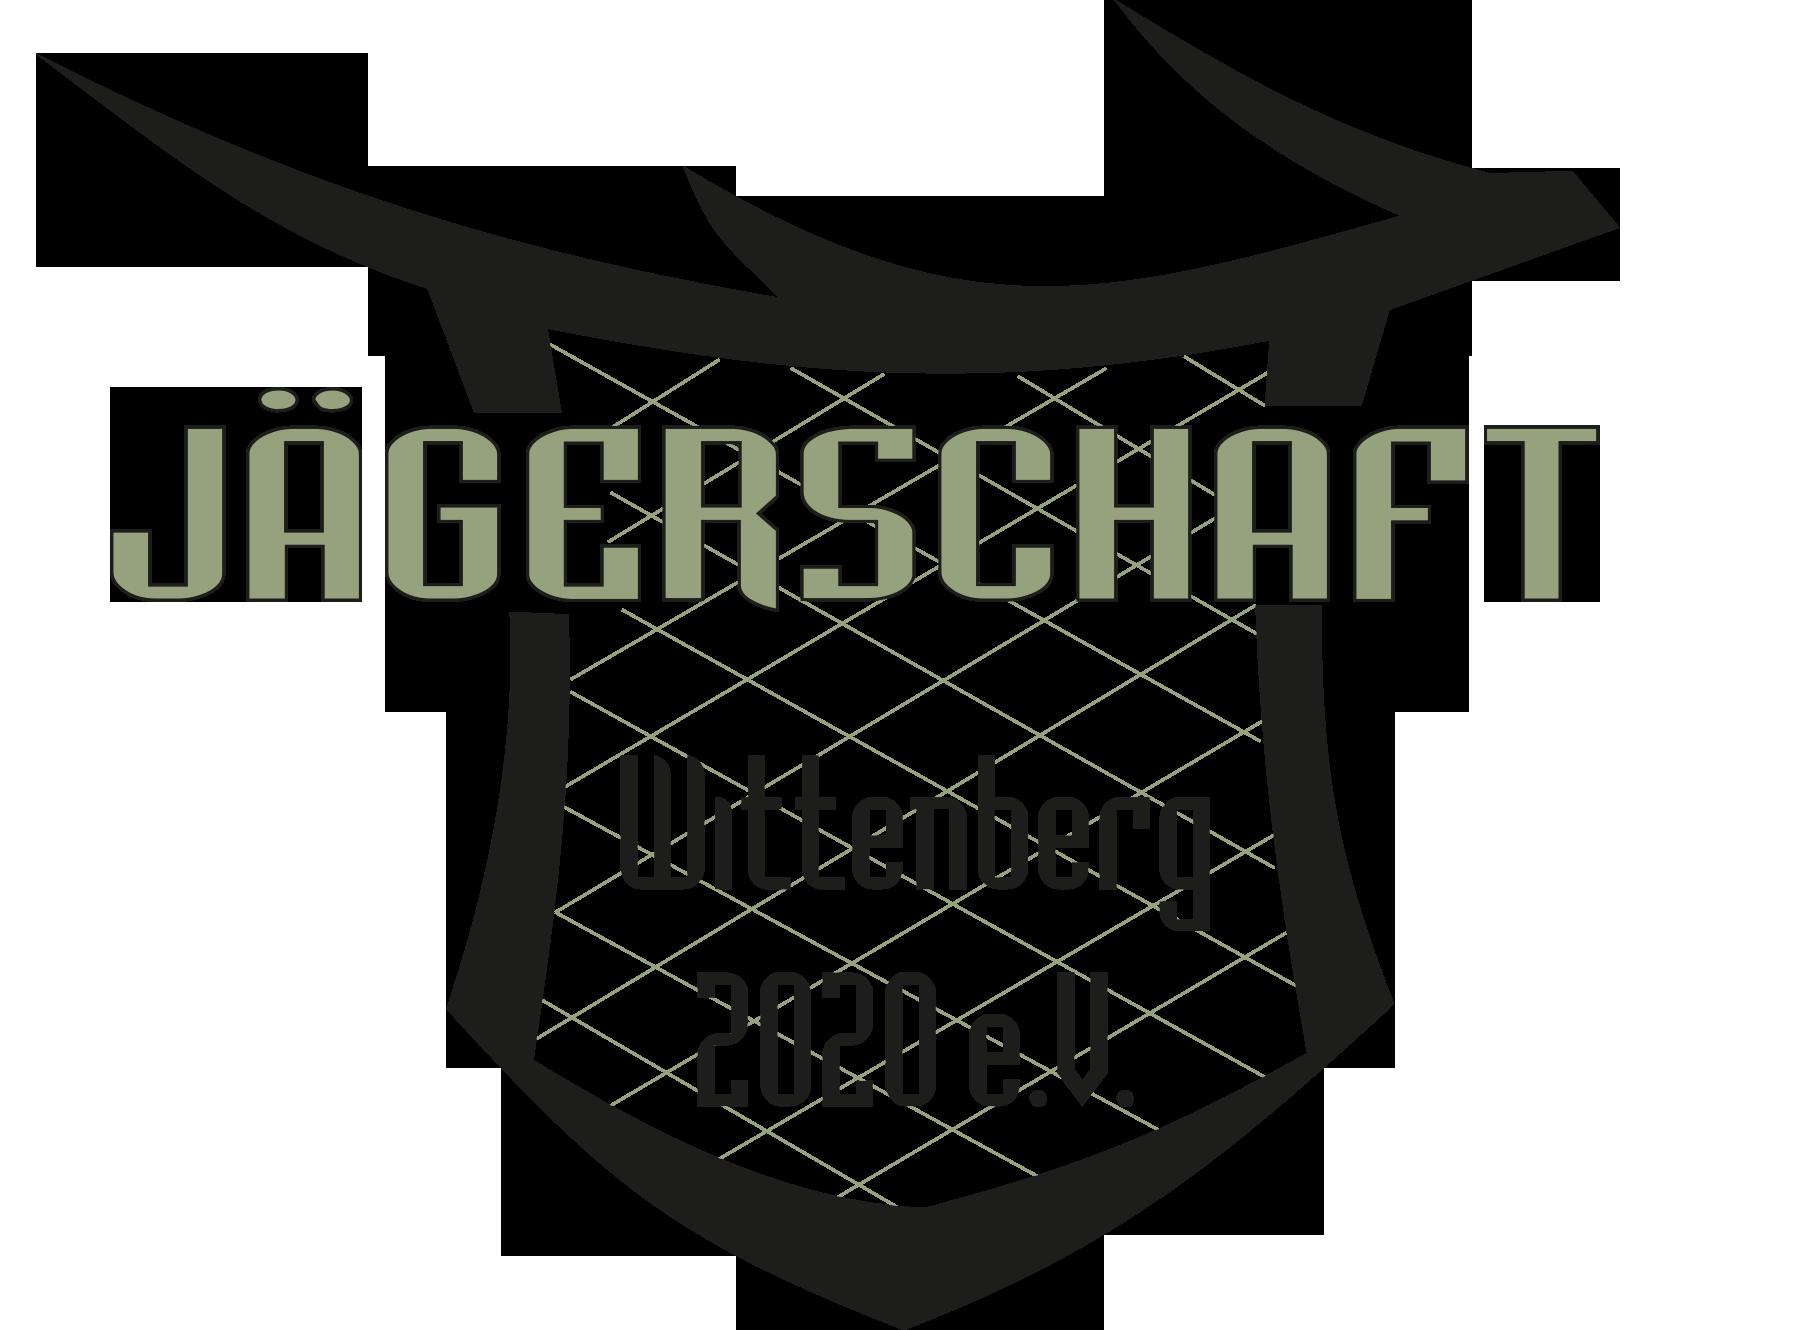 Jägerschaft Wittenberg 2020 e.V.